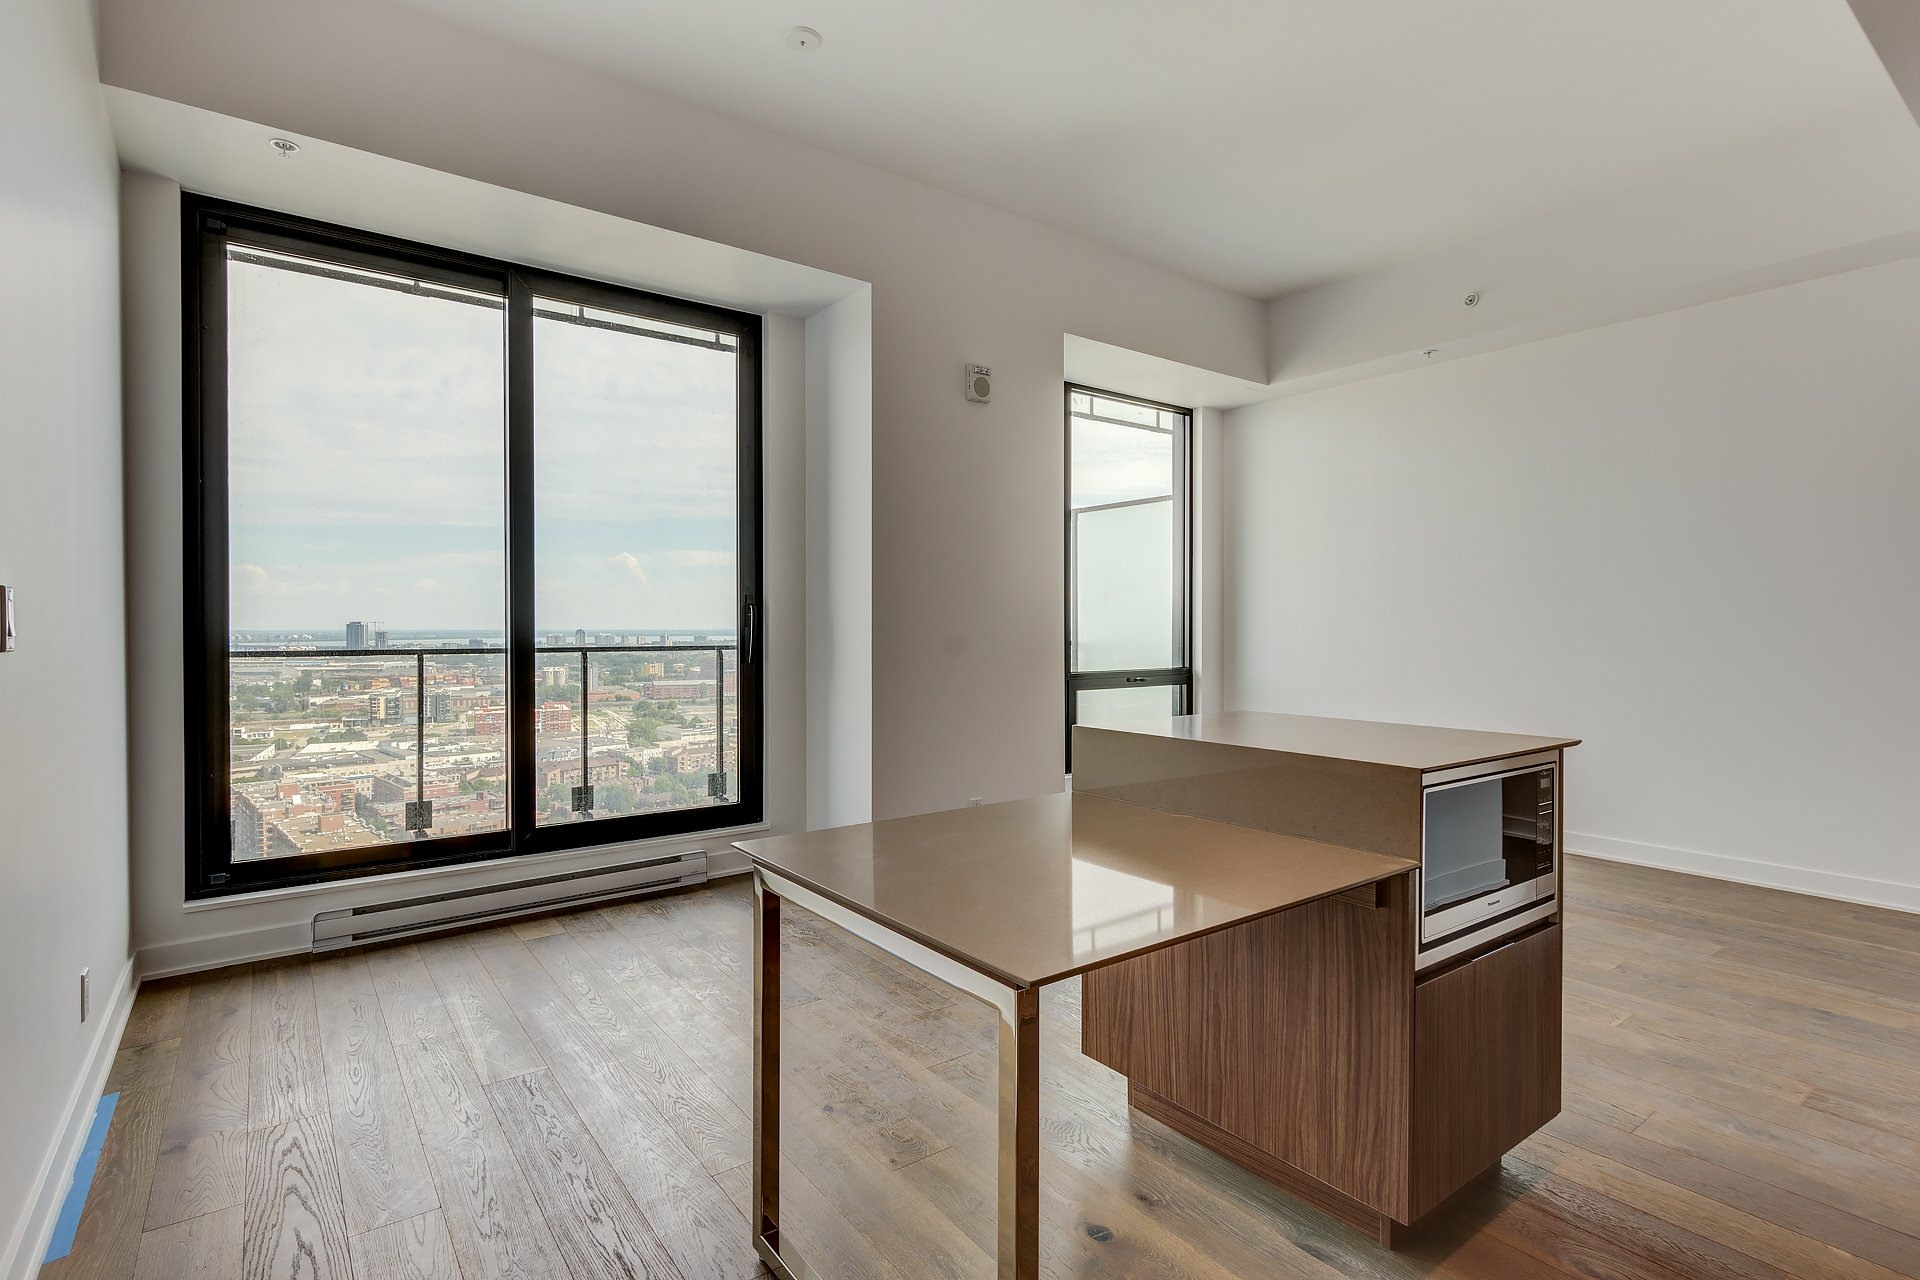 image 2 - Appartement À louer Montréal Ville-Marie  - 4 pièces